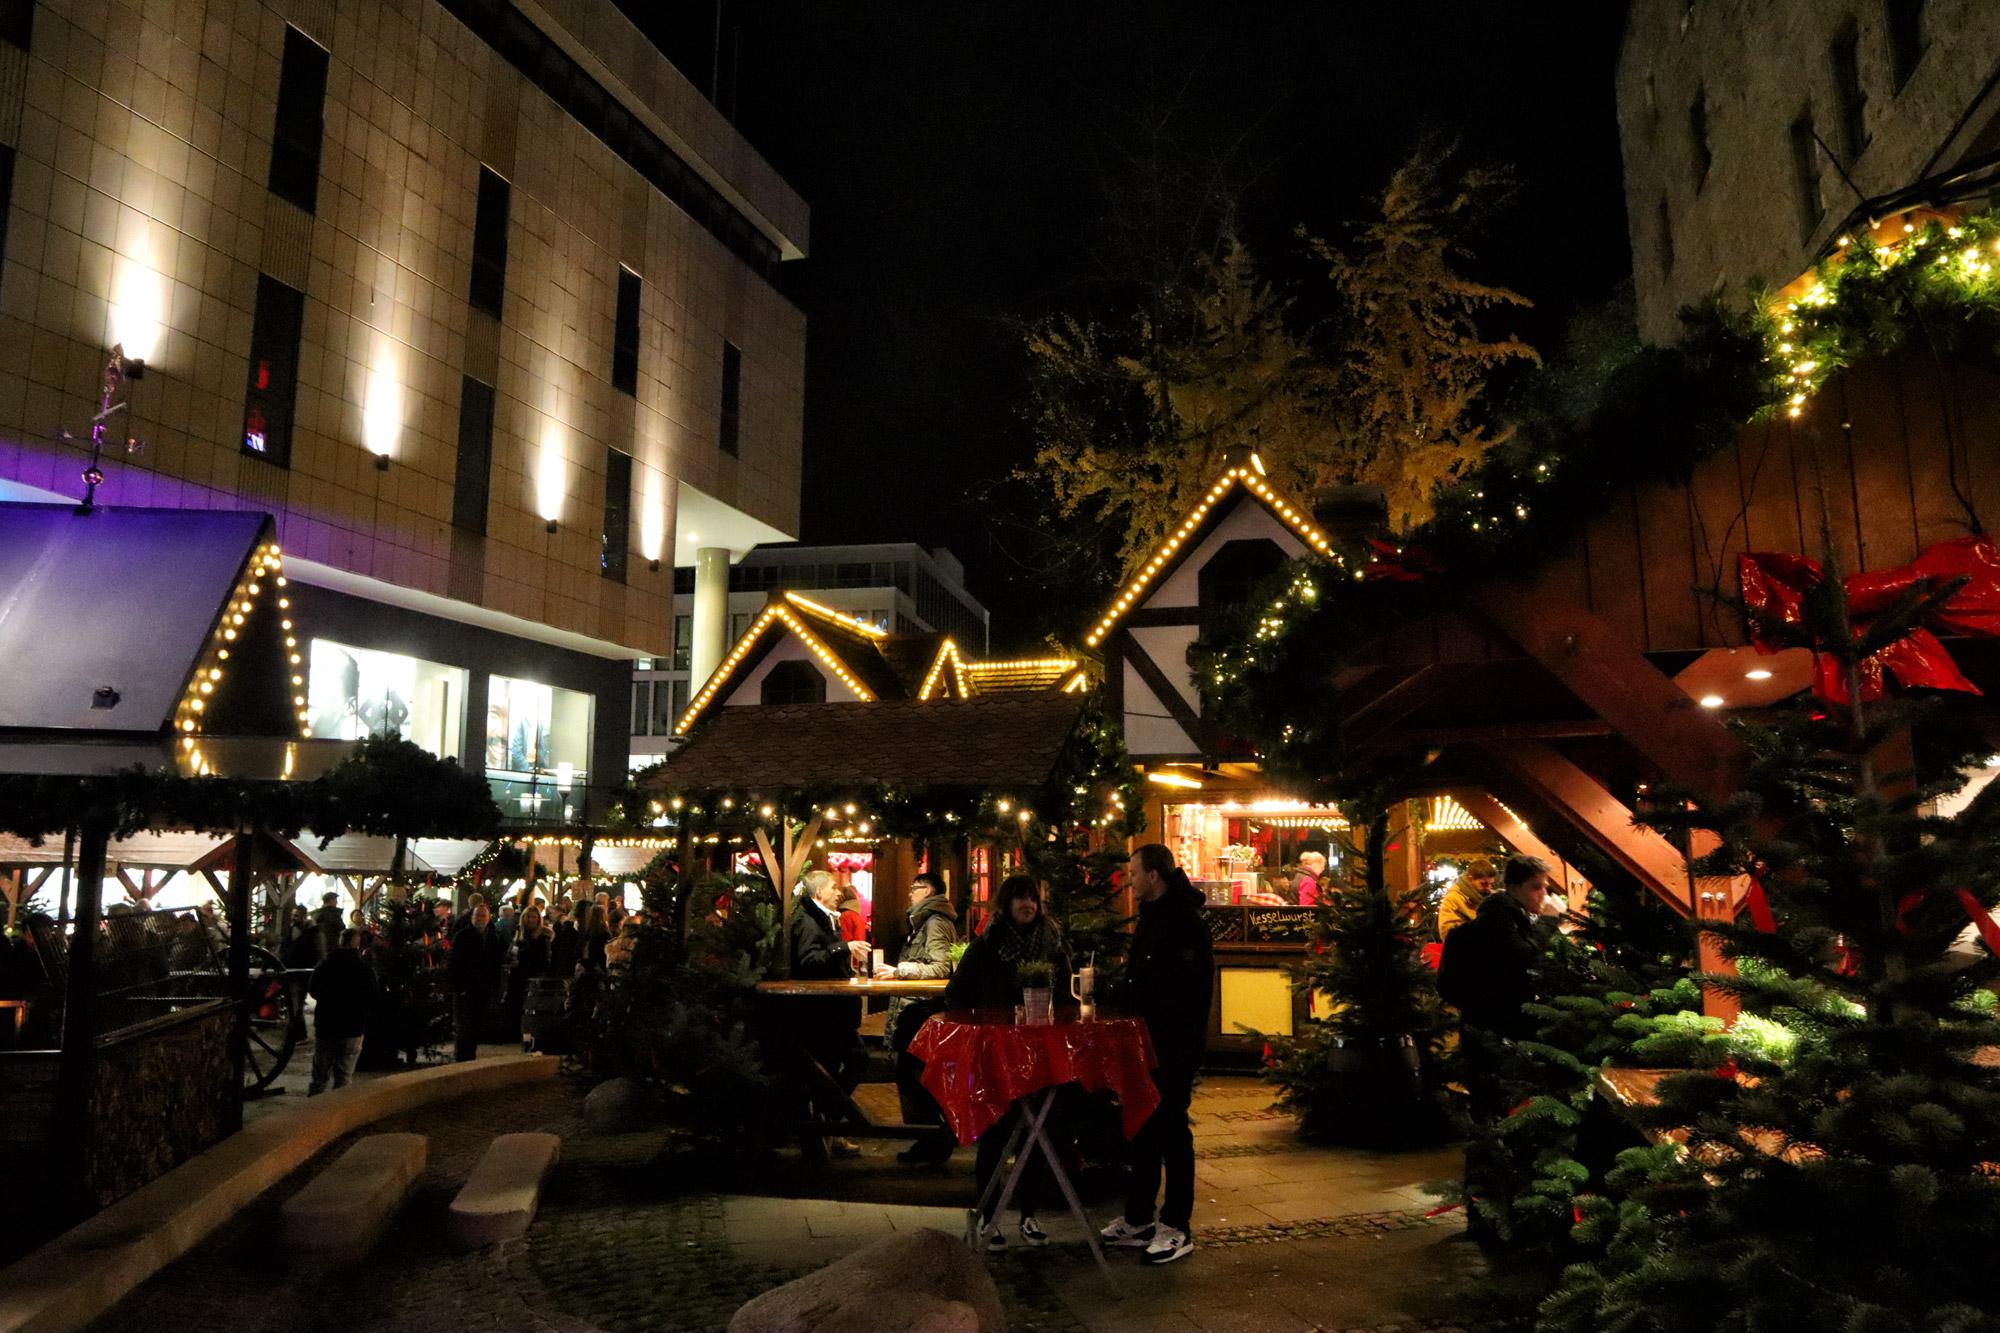 Kerstmarkt van Essen